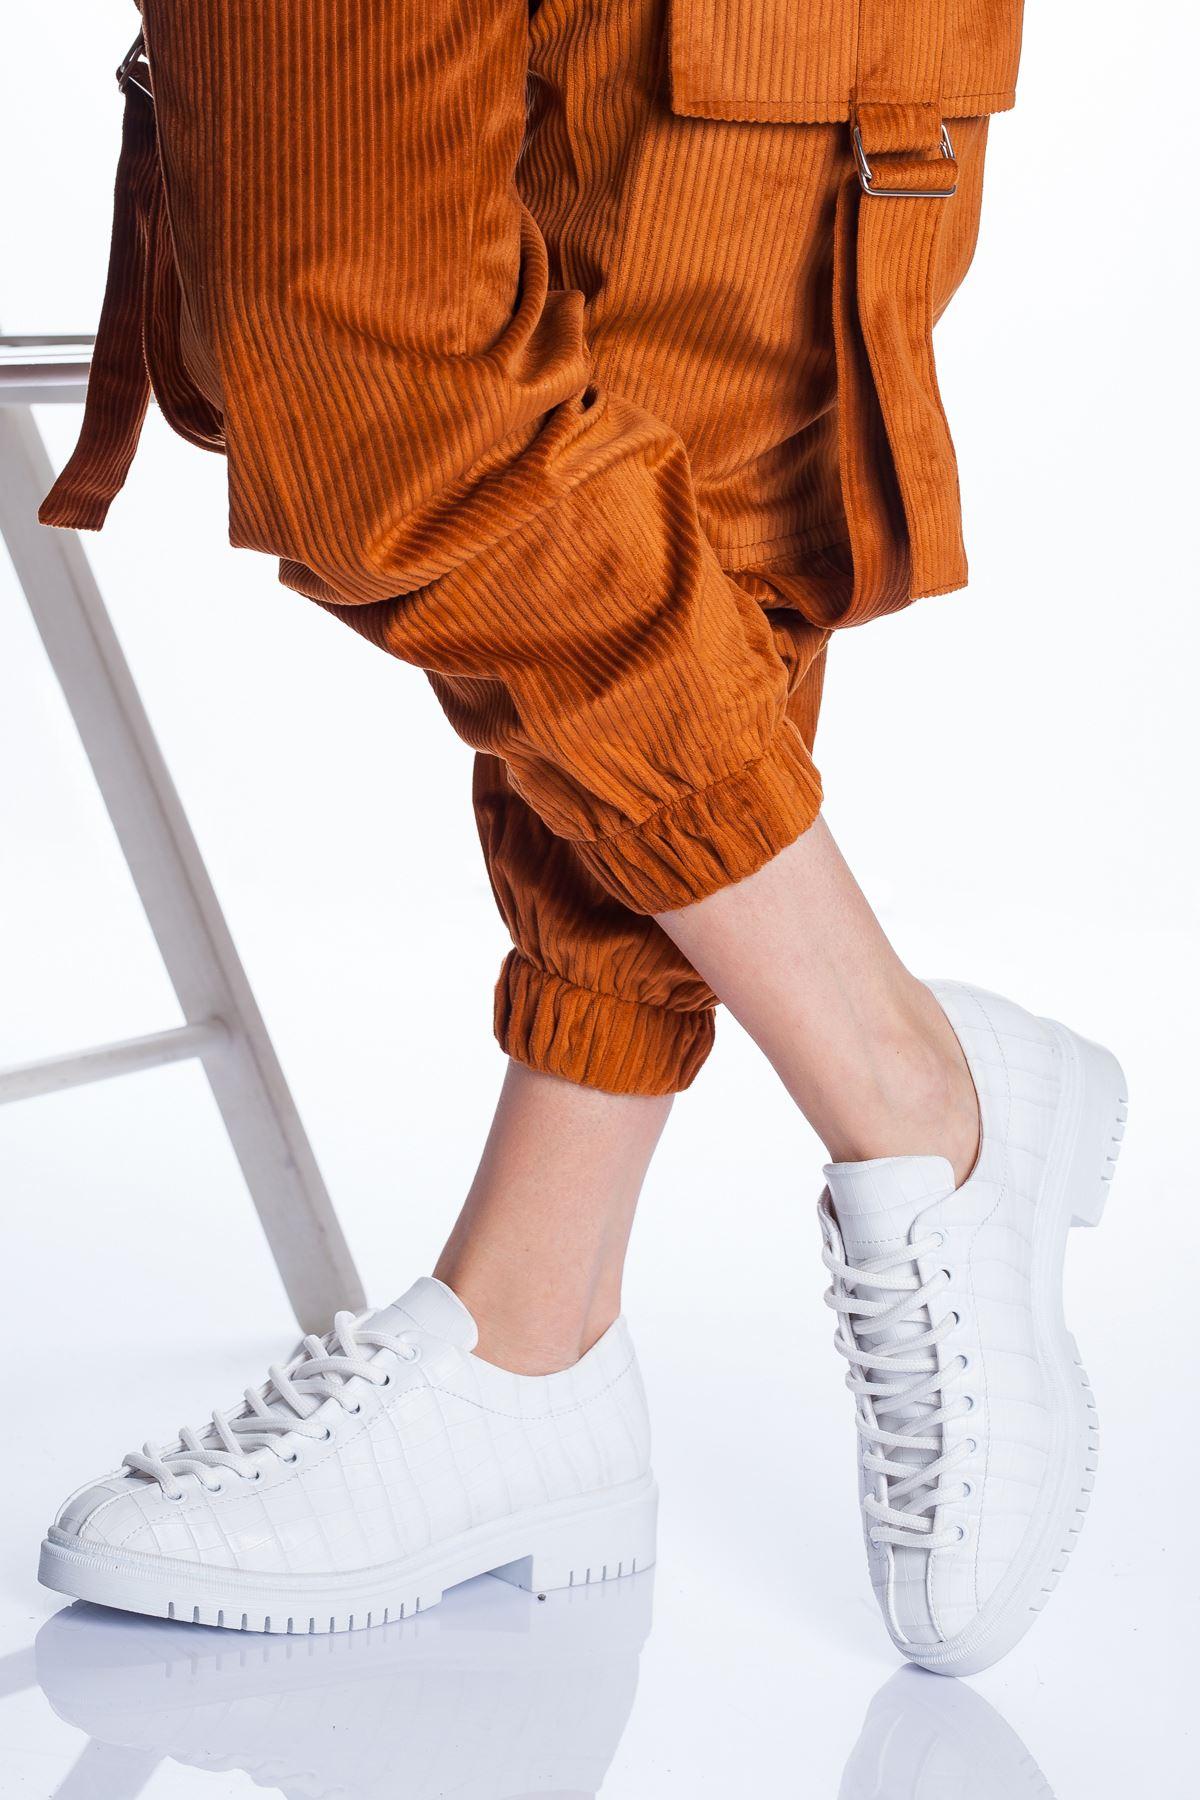 Tamara Ayakkabı BEYAZ CROC